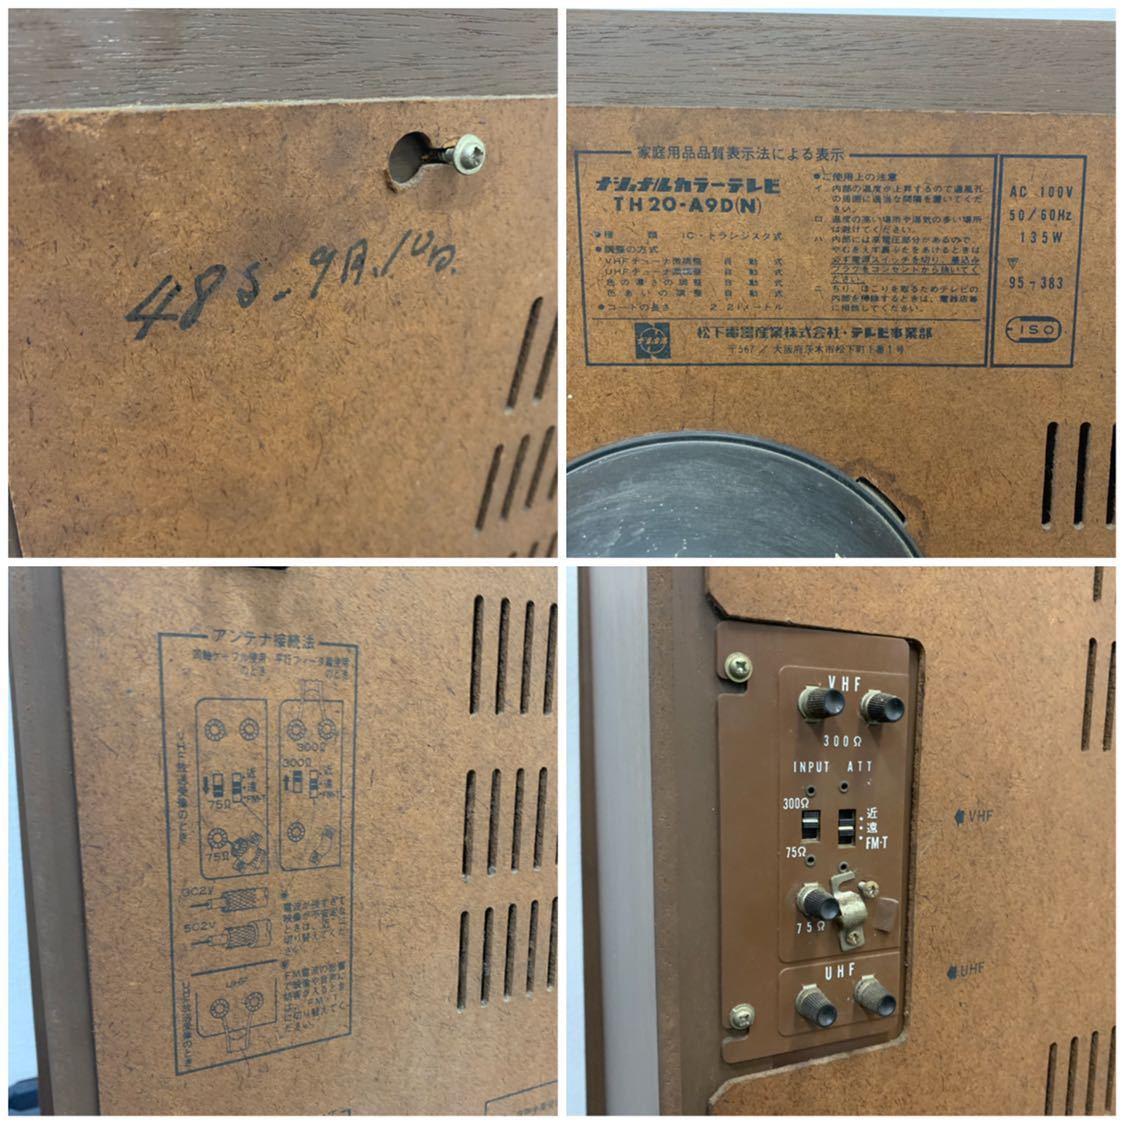 TH20-A9D(N)ナショナルカラーテレビ 昭和レトロ ブラウン管 木製 格安売り切りスタート◎_画像6